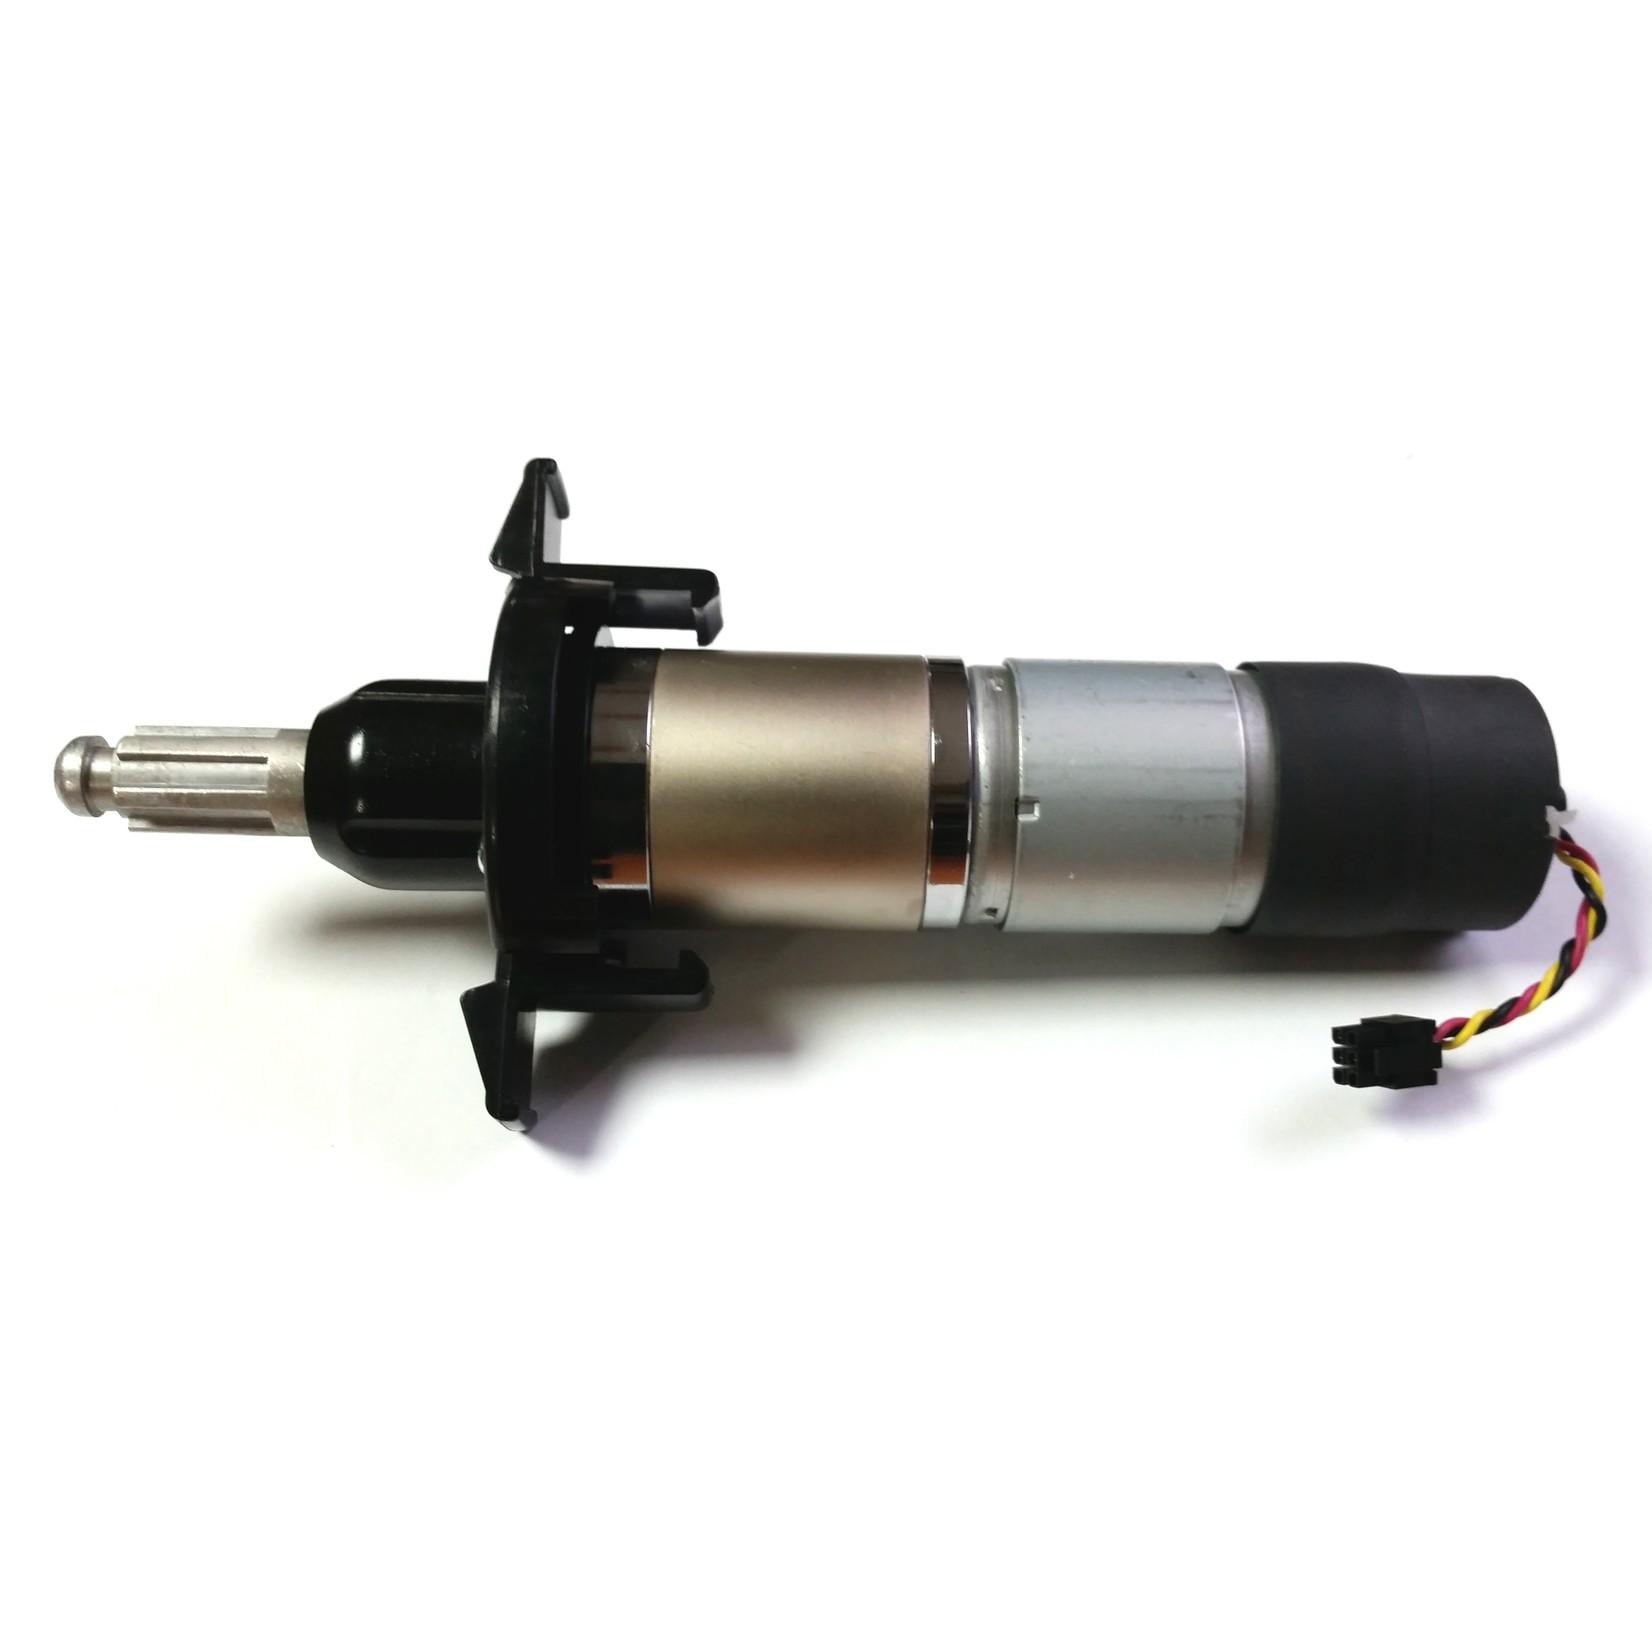 Robomow Robomow Antriebsmotor für Rasenmähroboter SPP6109A/ SMSB6206B